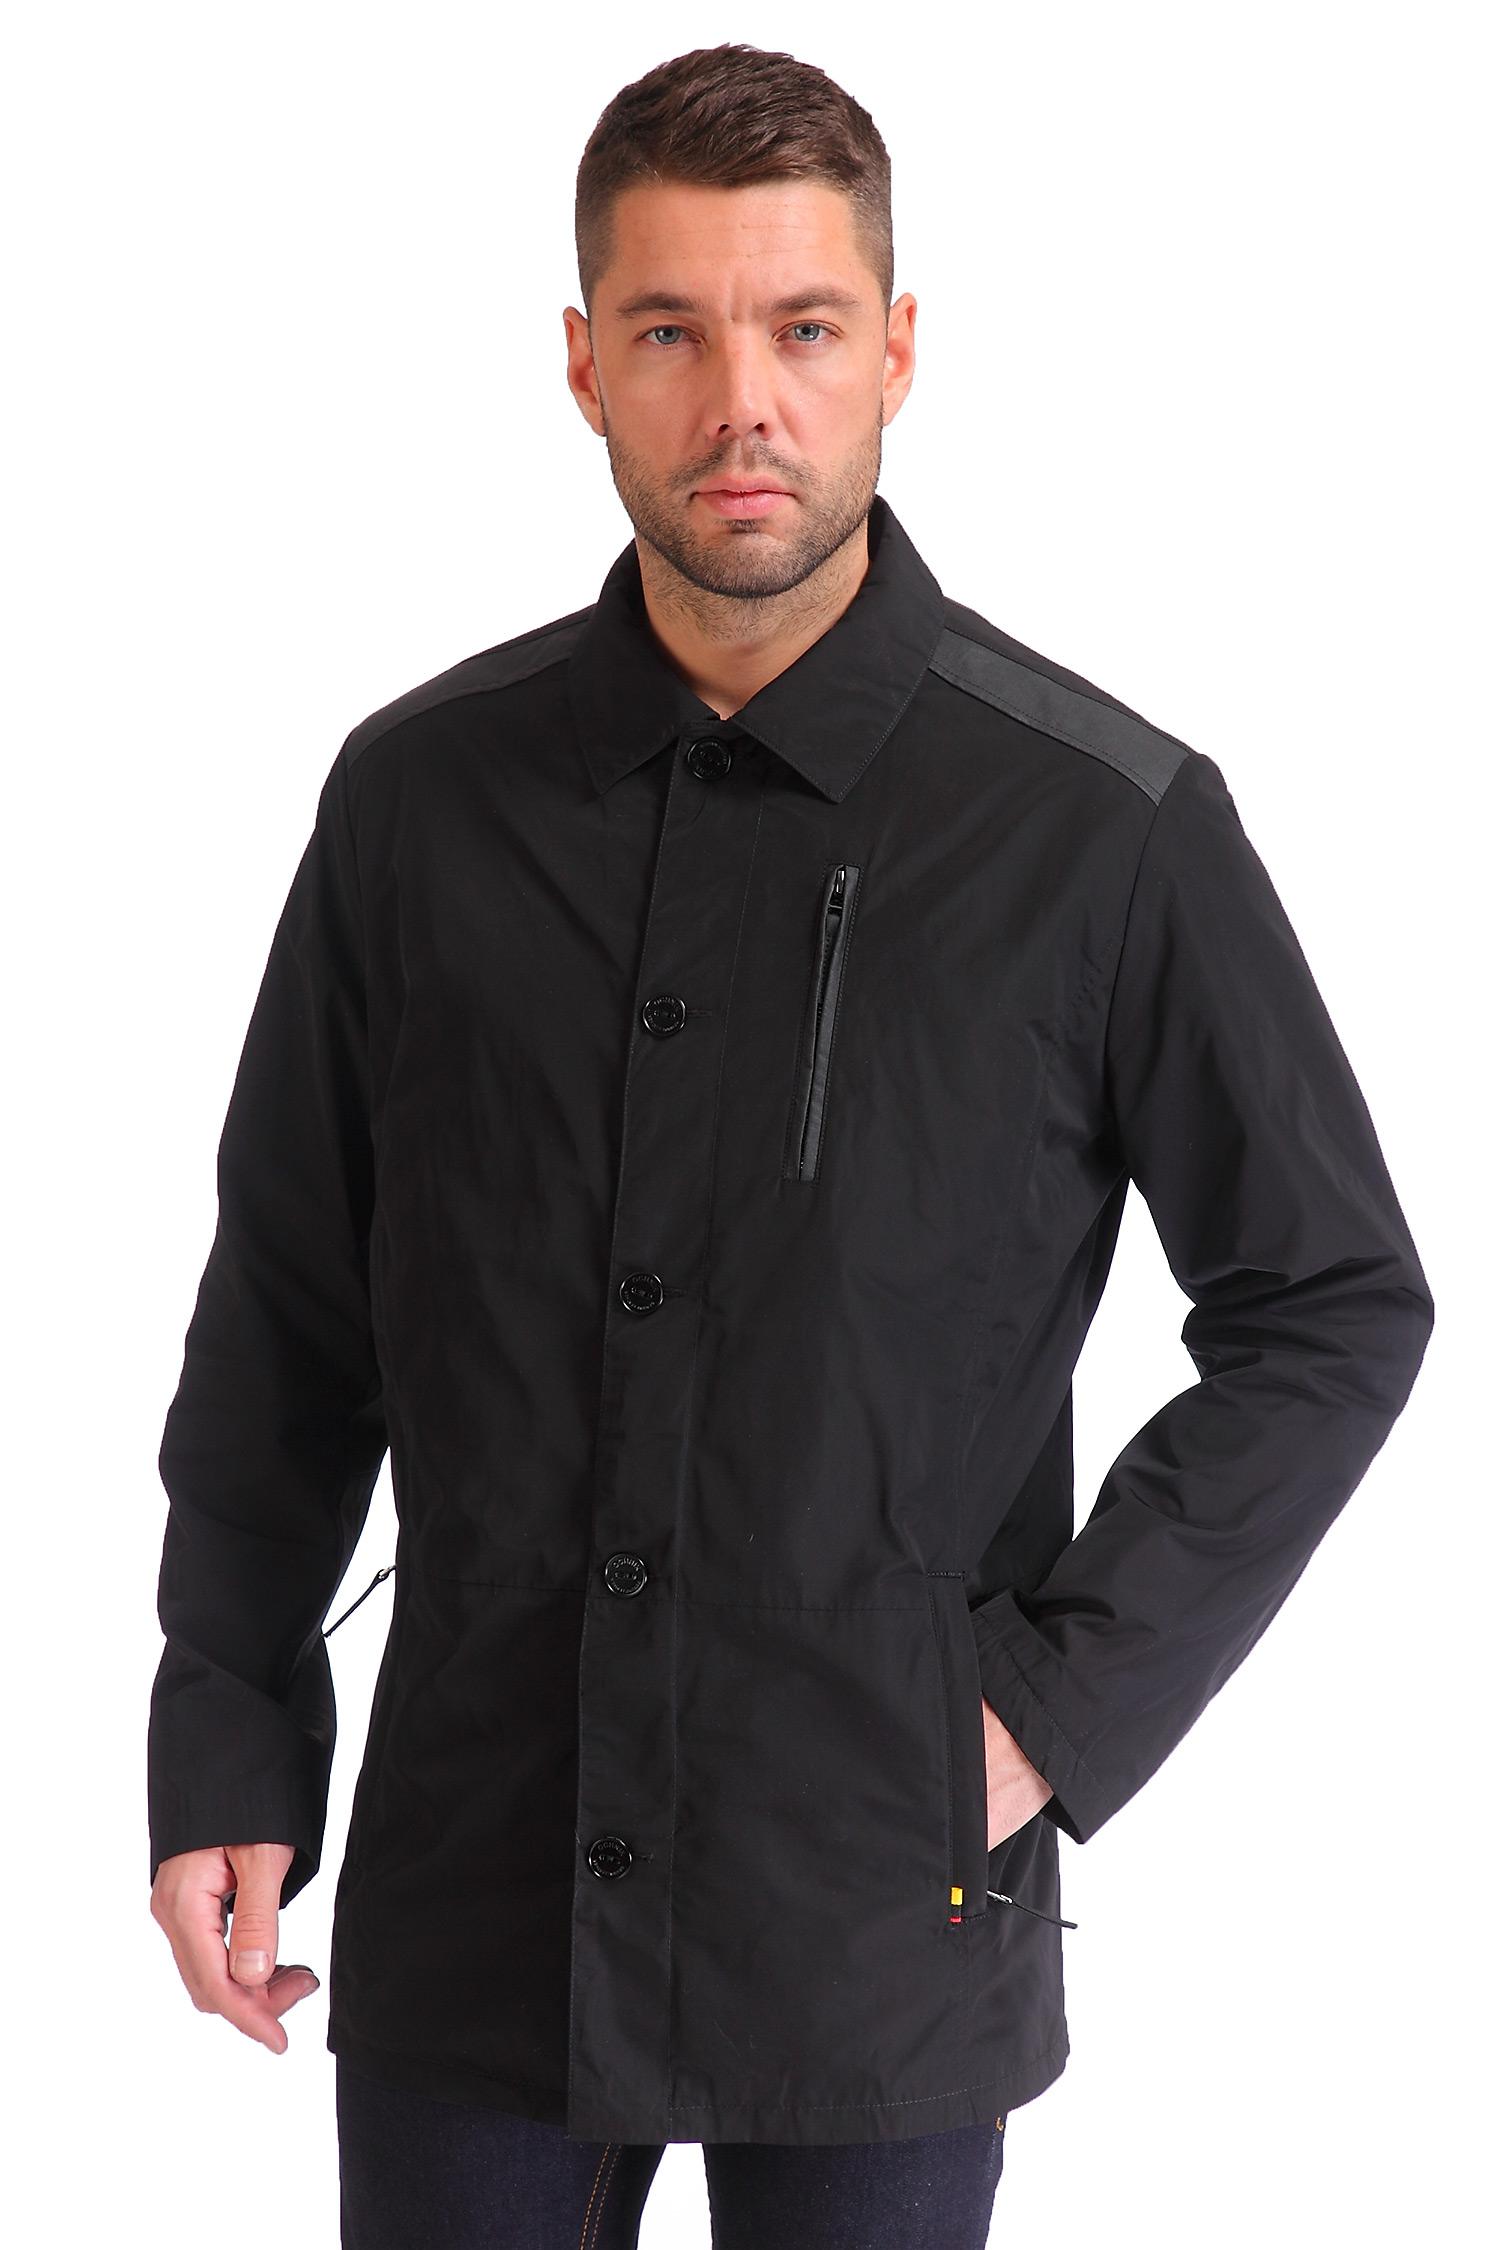 Мужская куртка из текстиля с воротником, отделка искусственная кожа